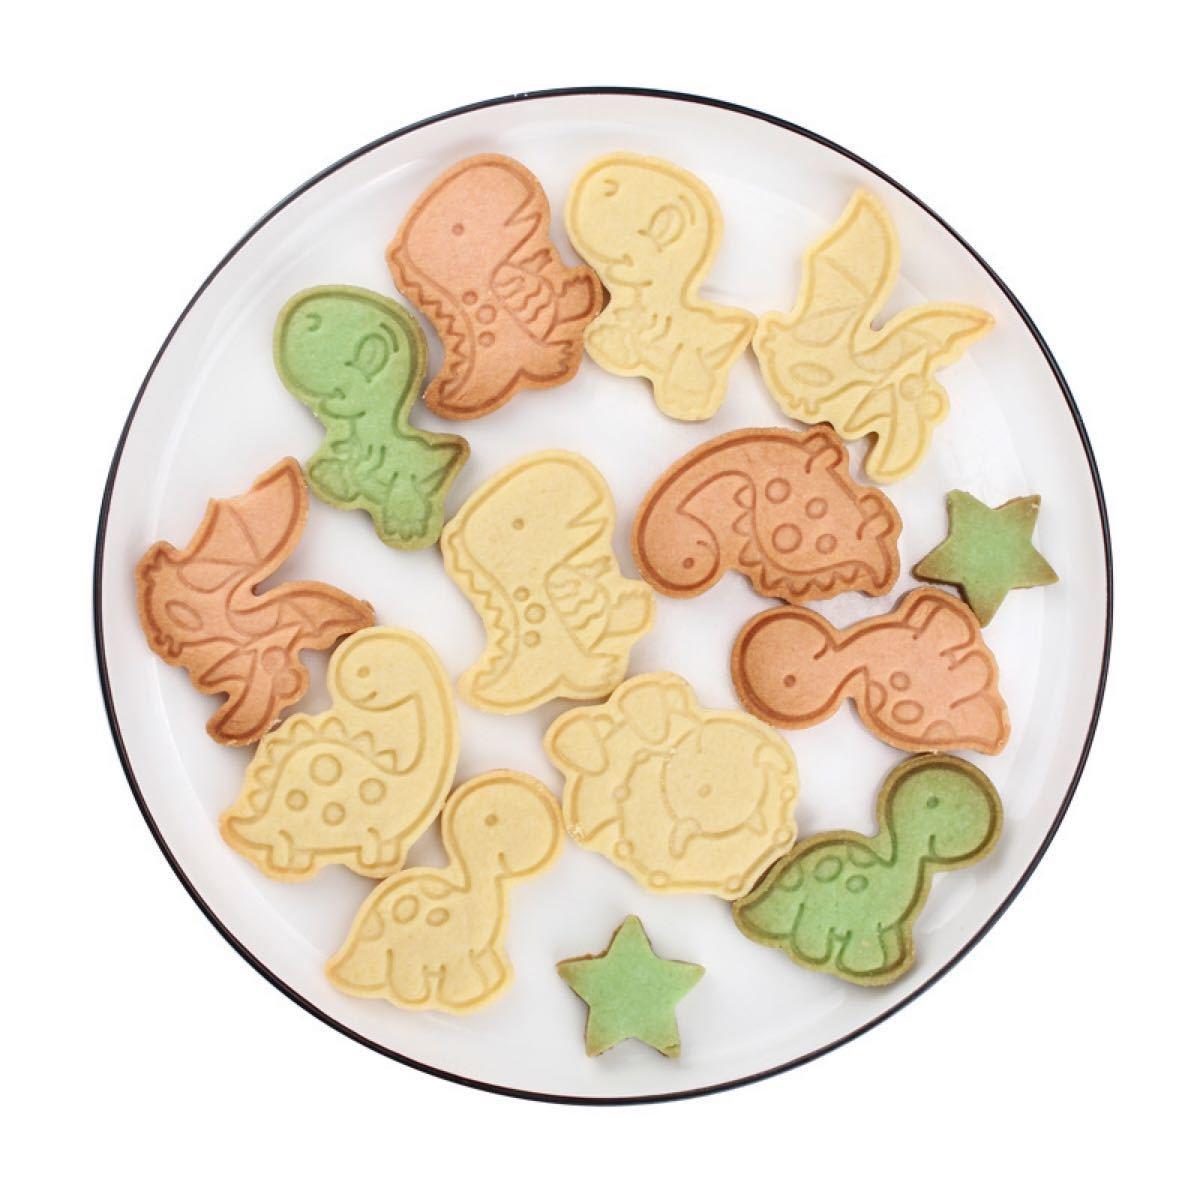 新品★クッキー型 男の子大好きな恐竜6個セット バレンタイン お菓子作り 型抜き